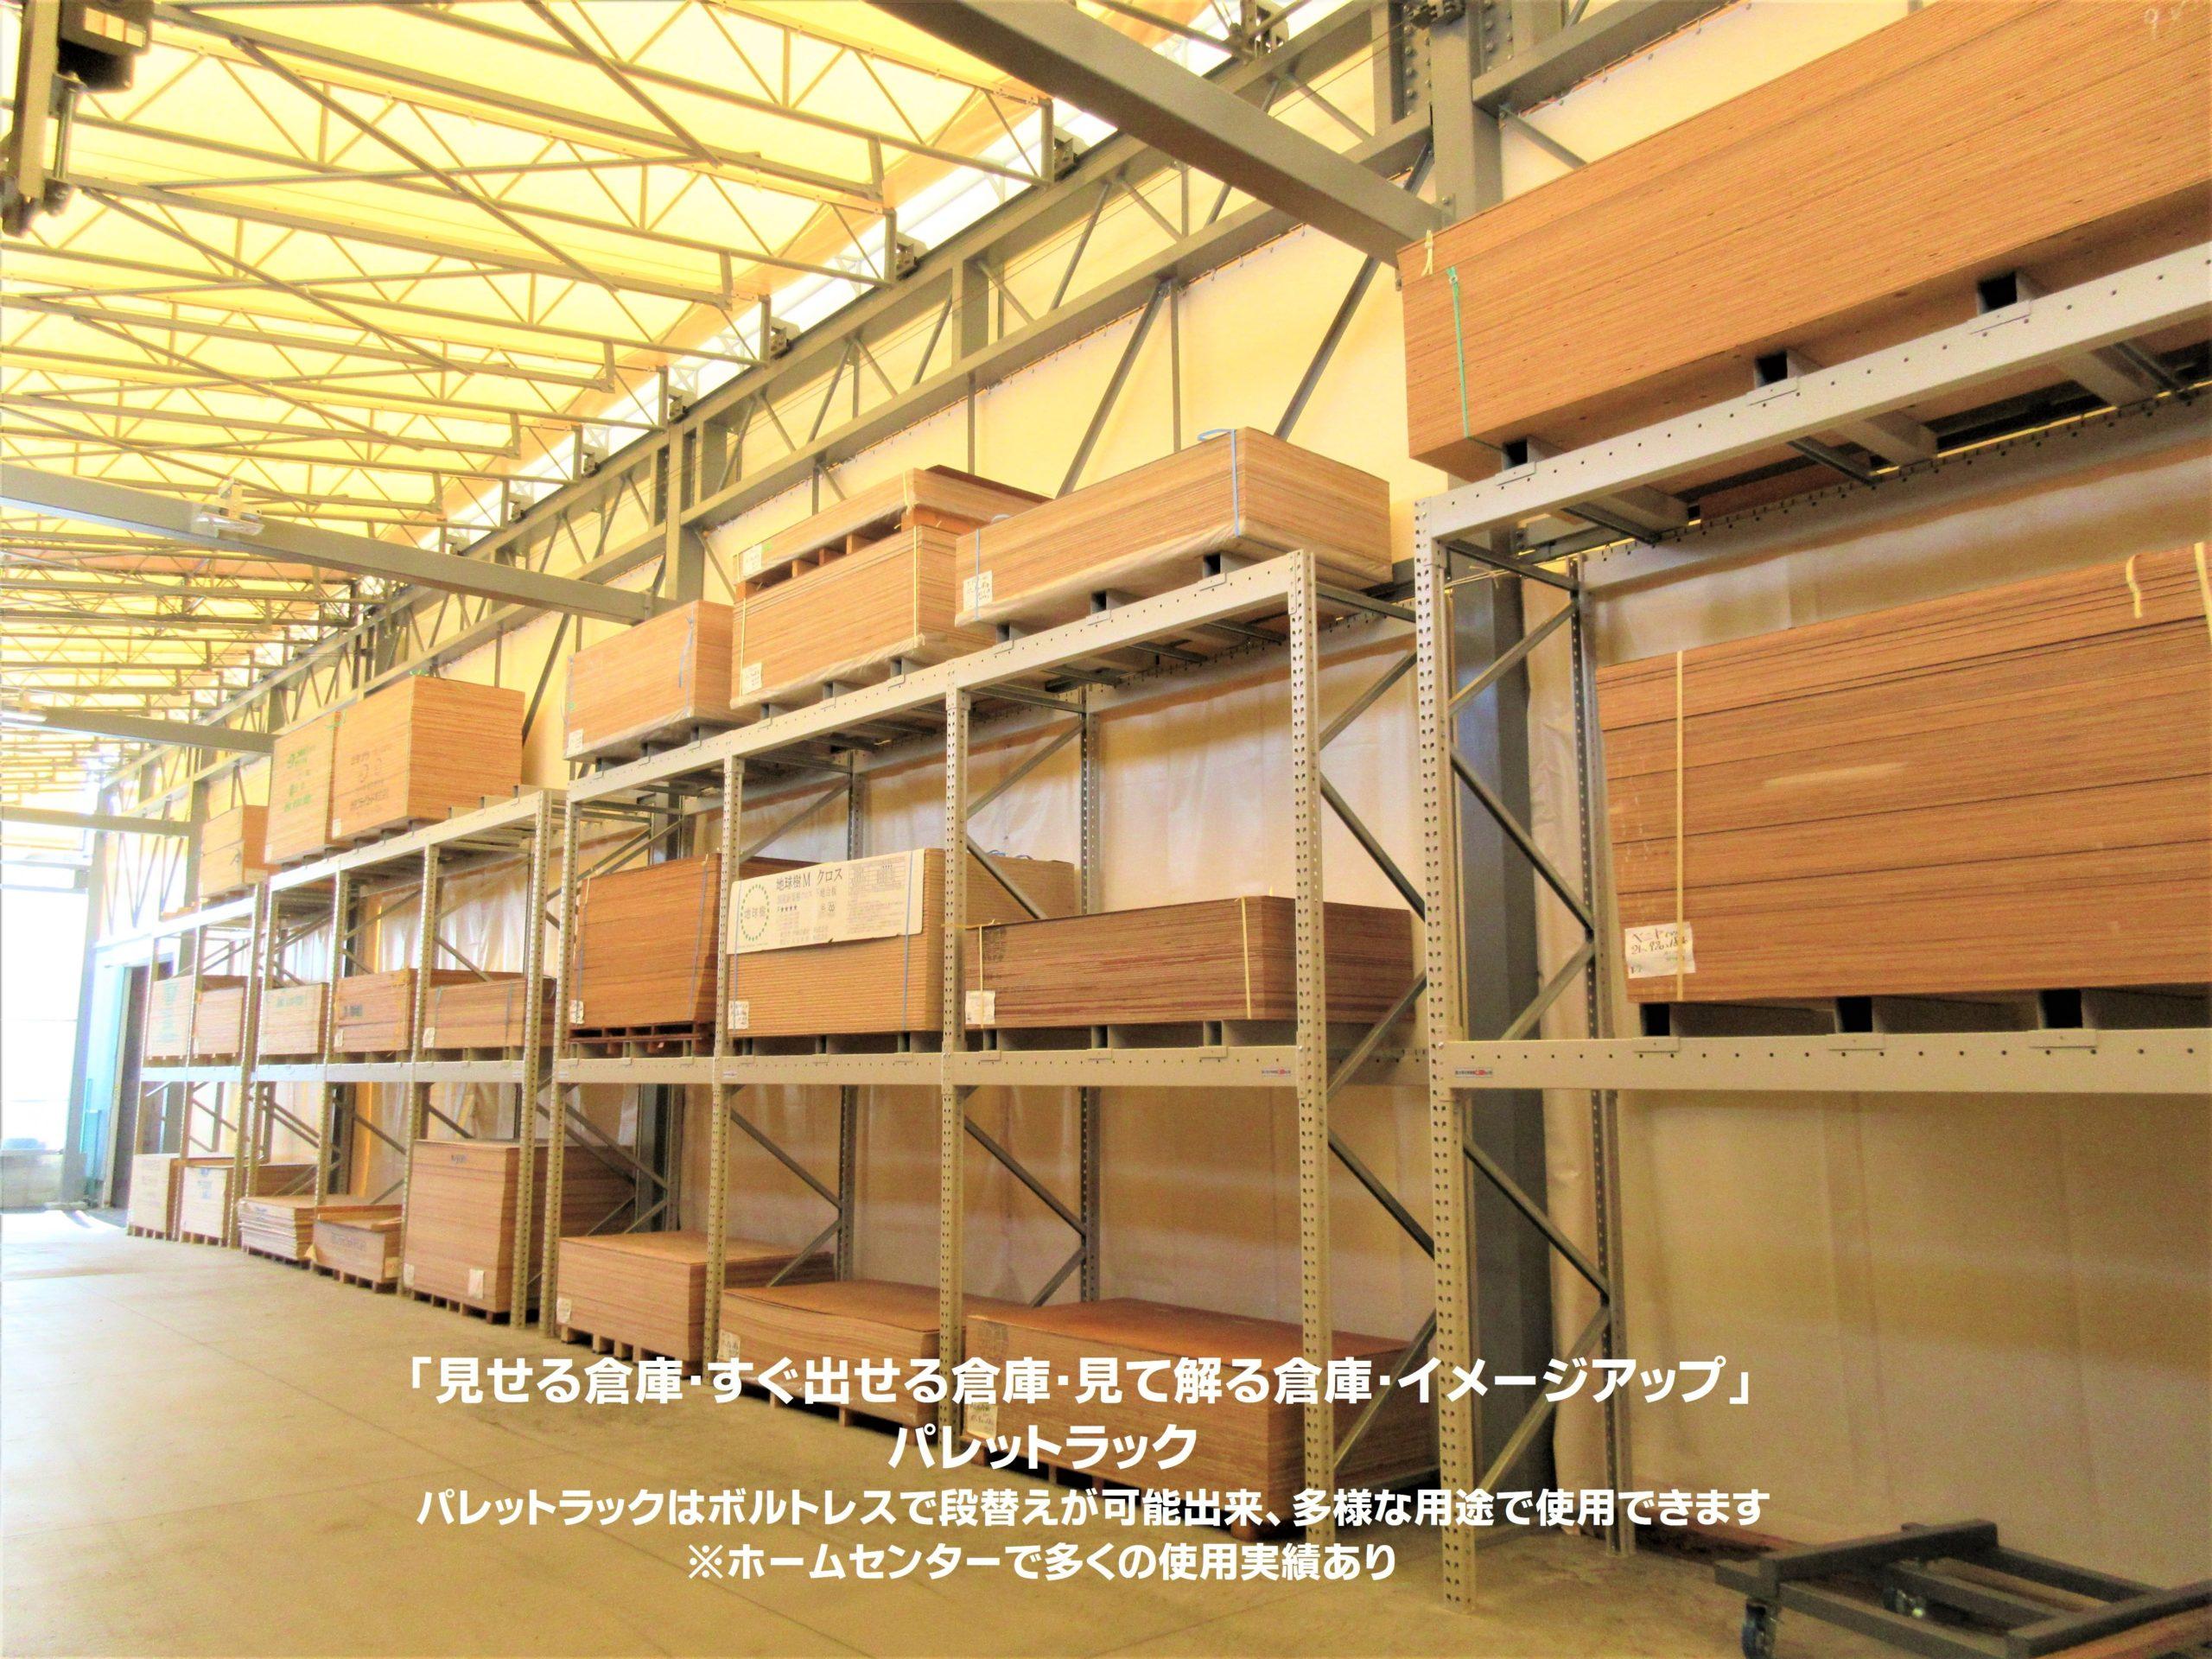 株式会社マテハン三重TOP03